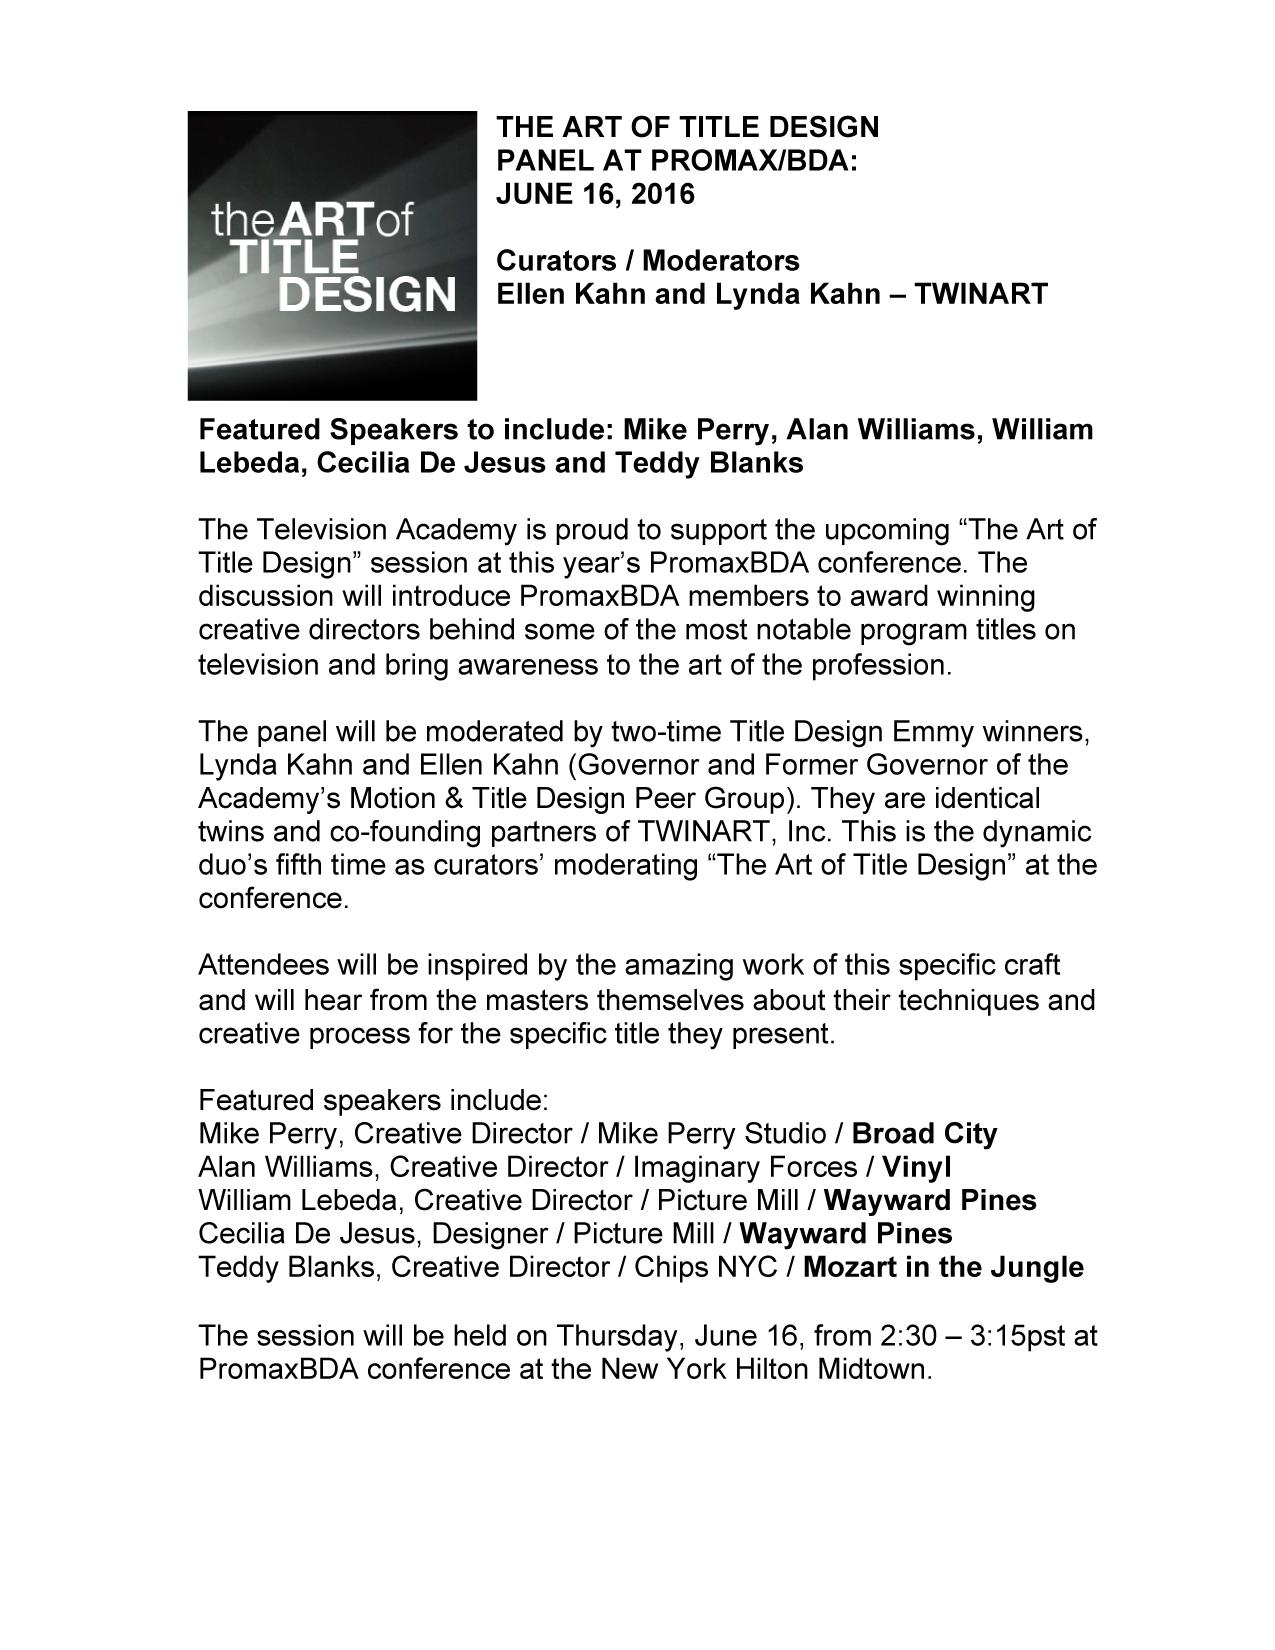 Press Twinart # Designe De Support De Television